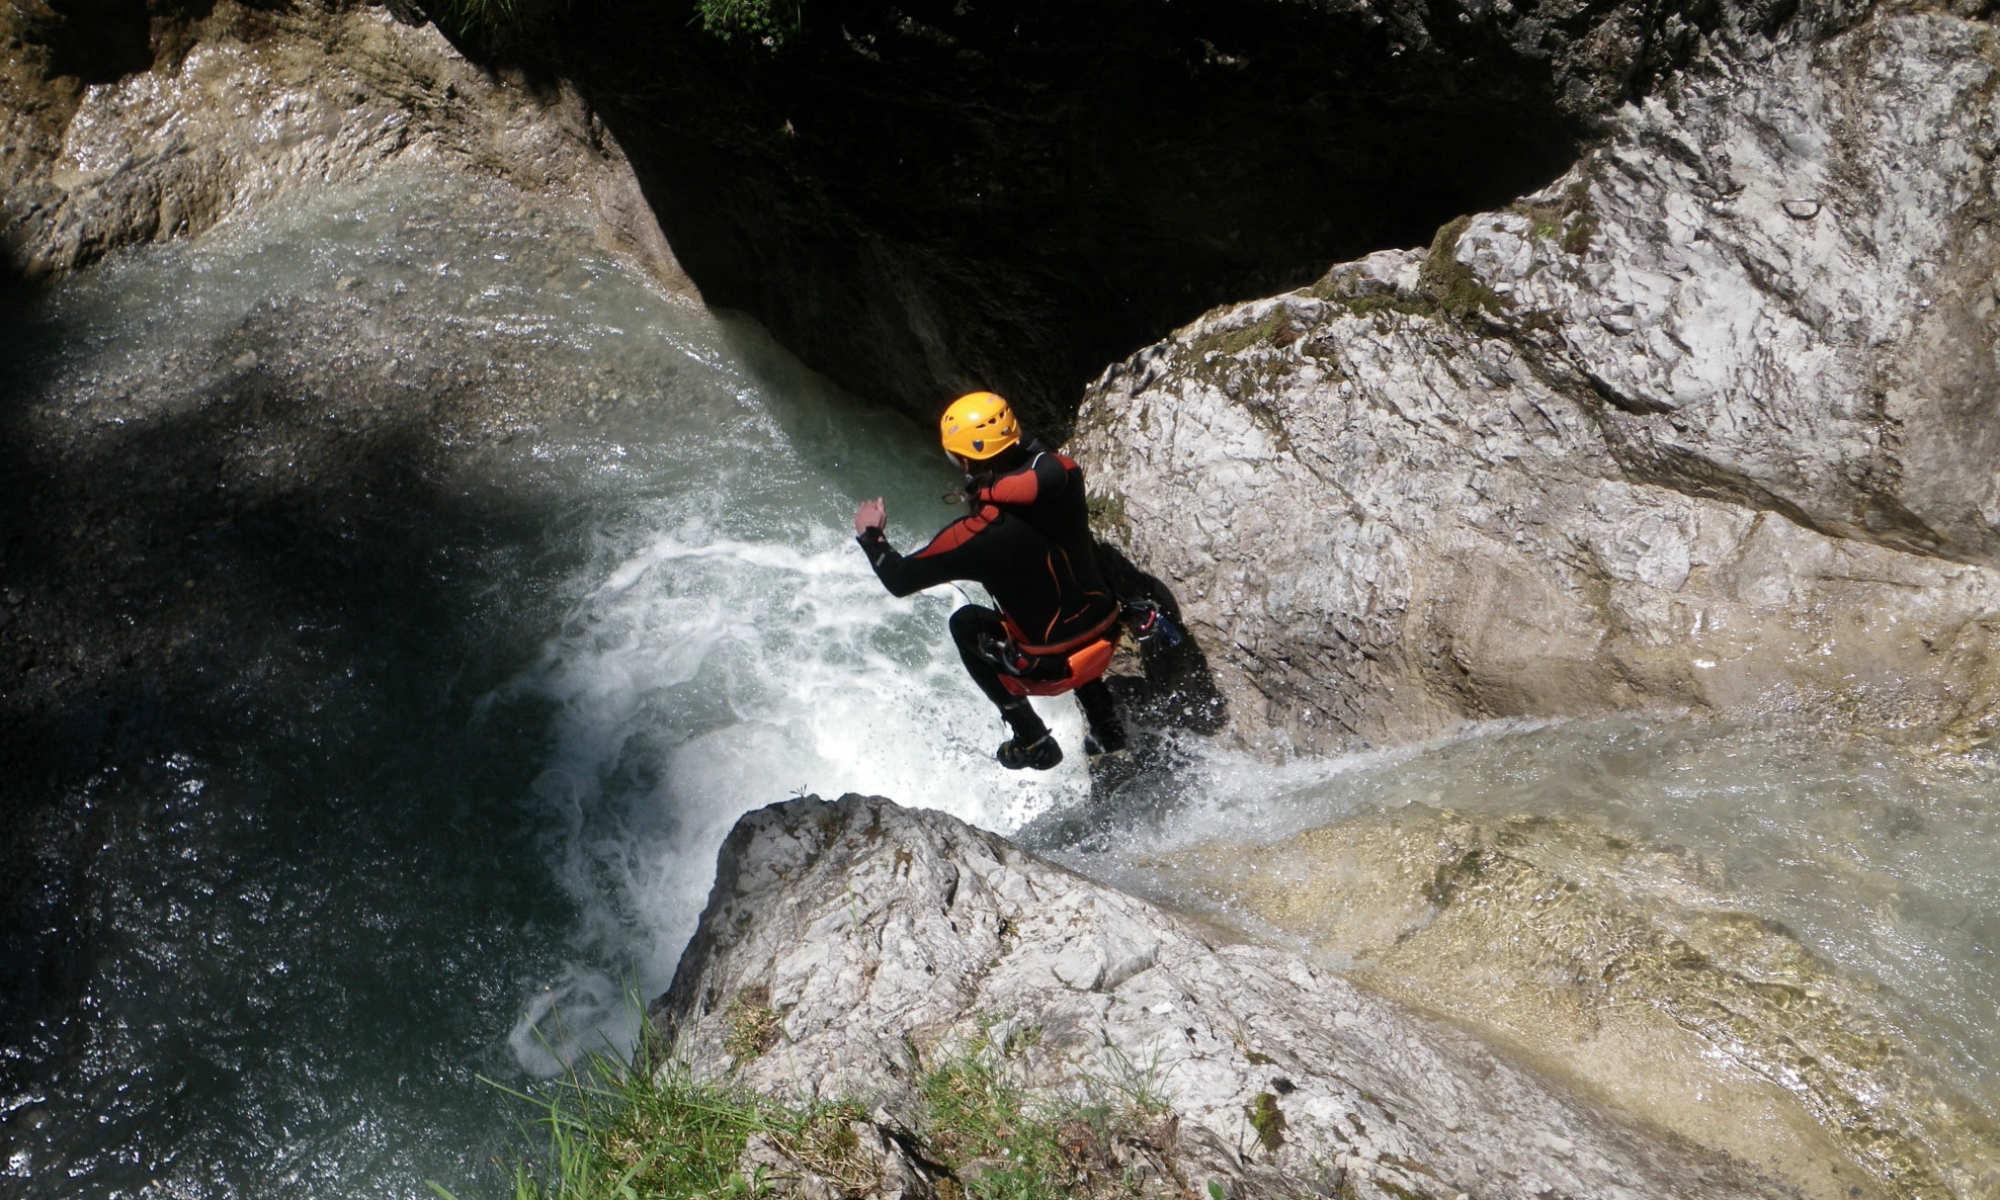 Ein Mann auf einer wasserreichen Felsrutsche beim Canyoning in der Gießenbachklamm in Kiefersfelden.